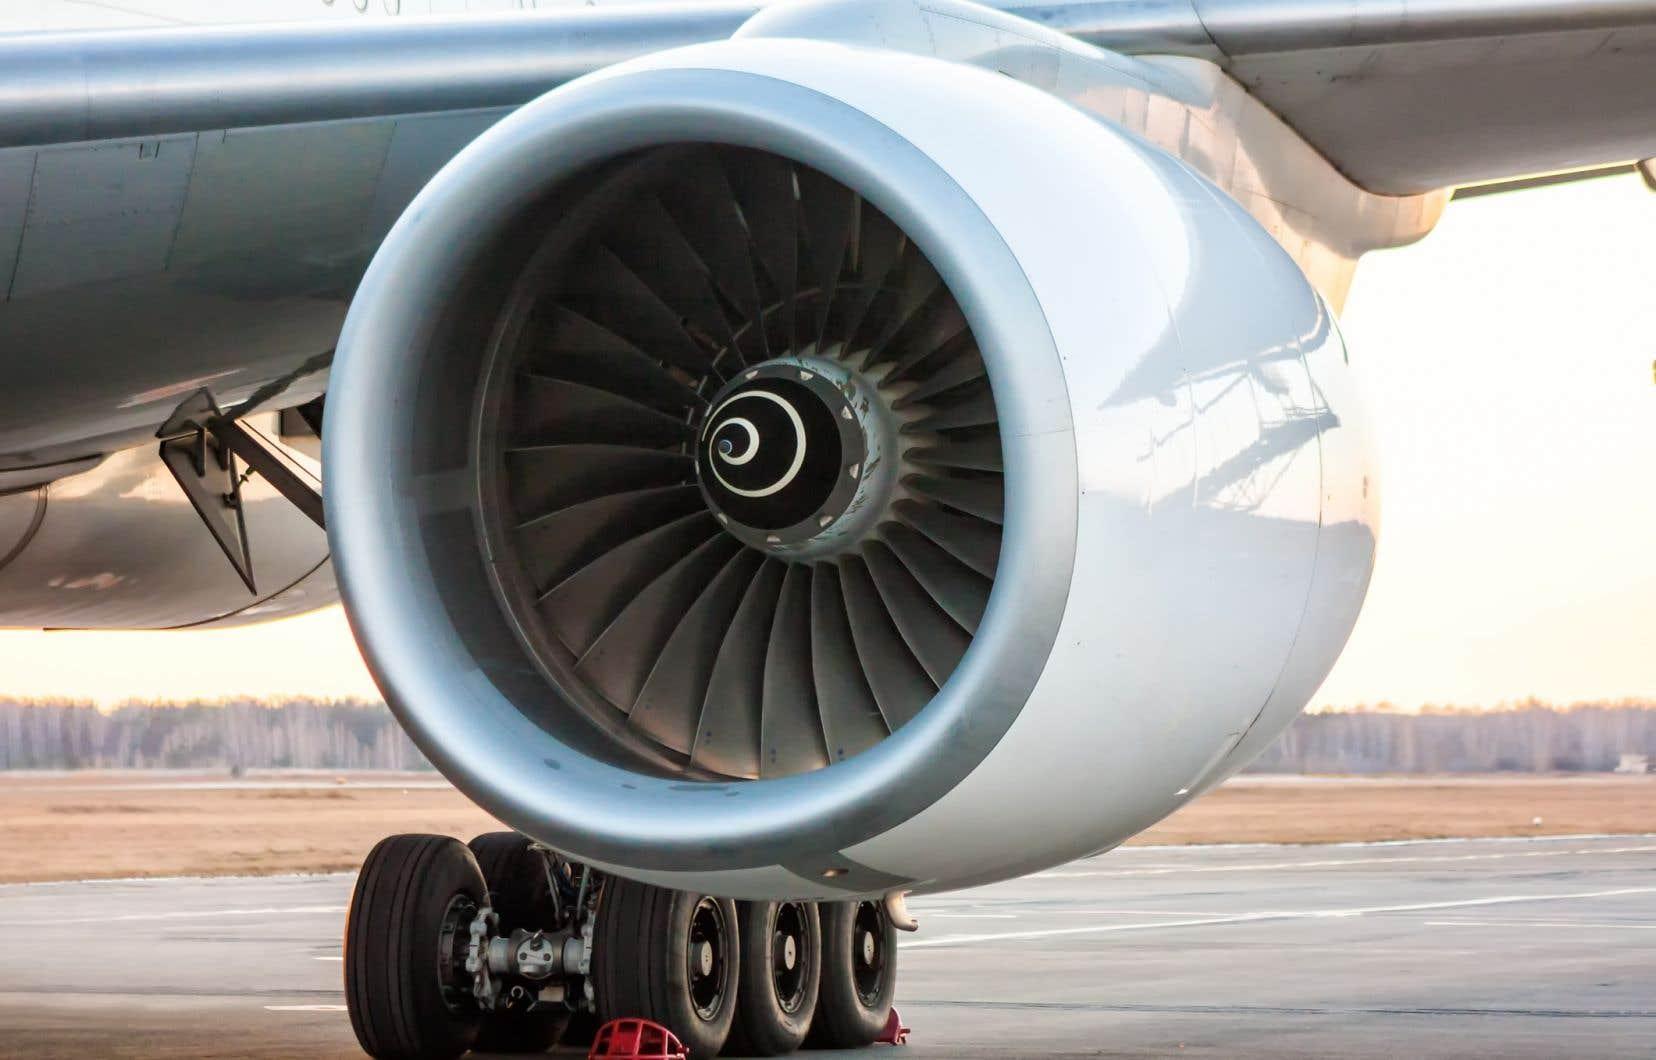 Les avionneurs ont abaissé  les cadences  de production puisque les compagnies  aériennes ont cloué leurs avions au sol, reporté des livraisons  et annulé des commandes.